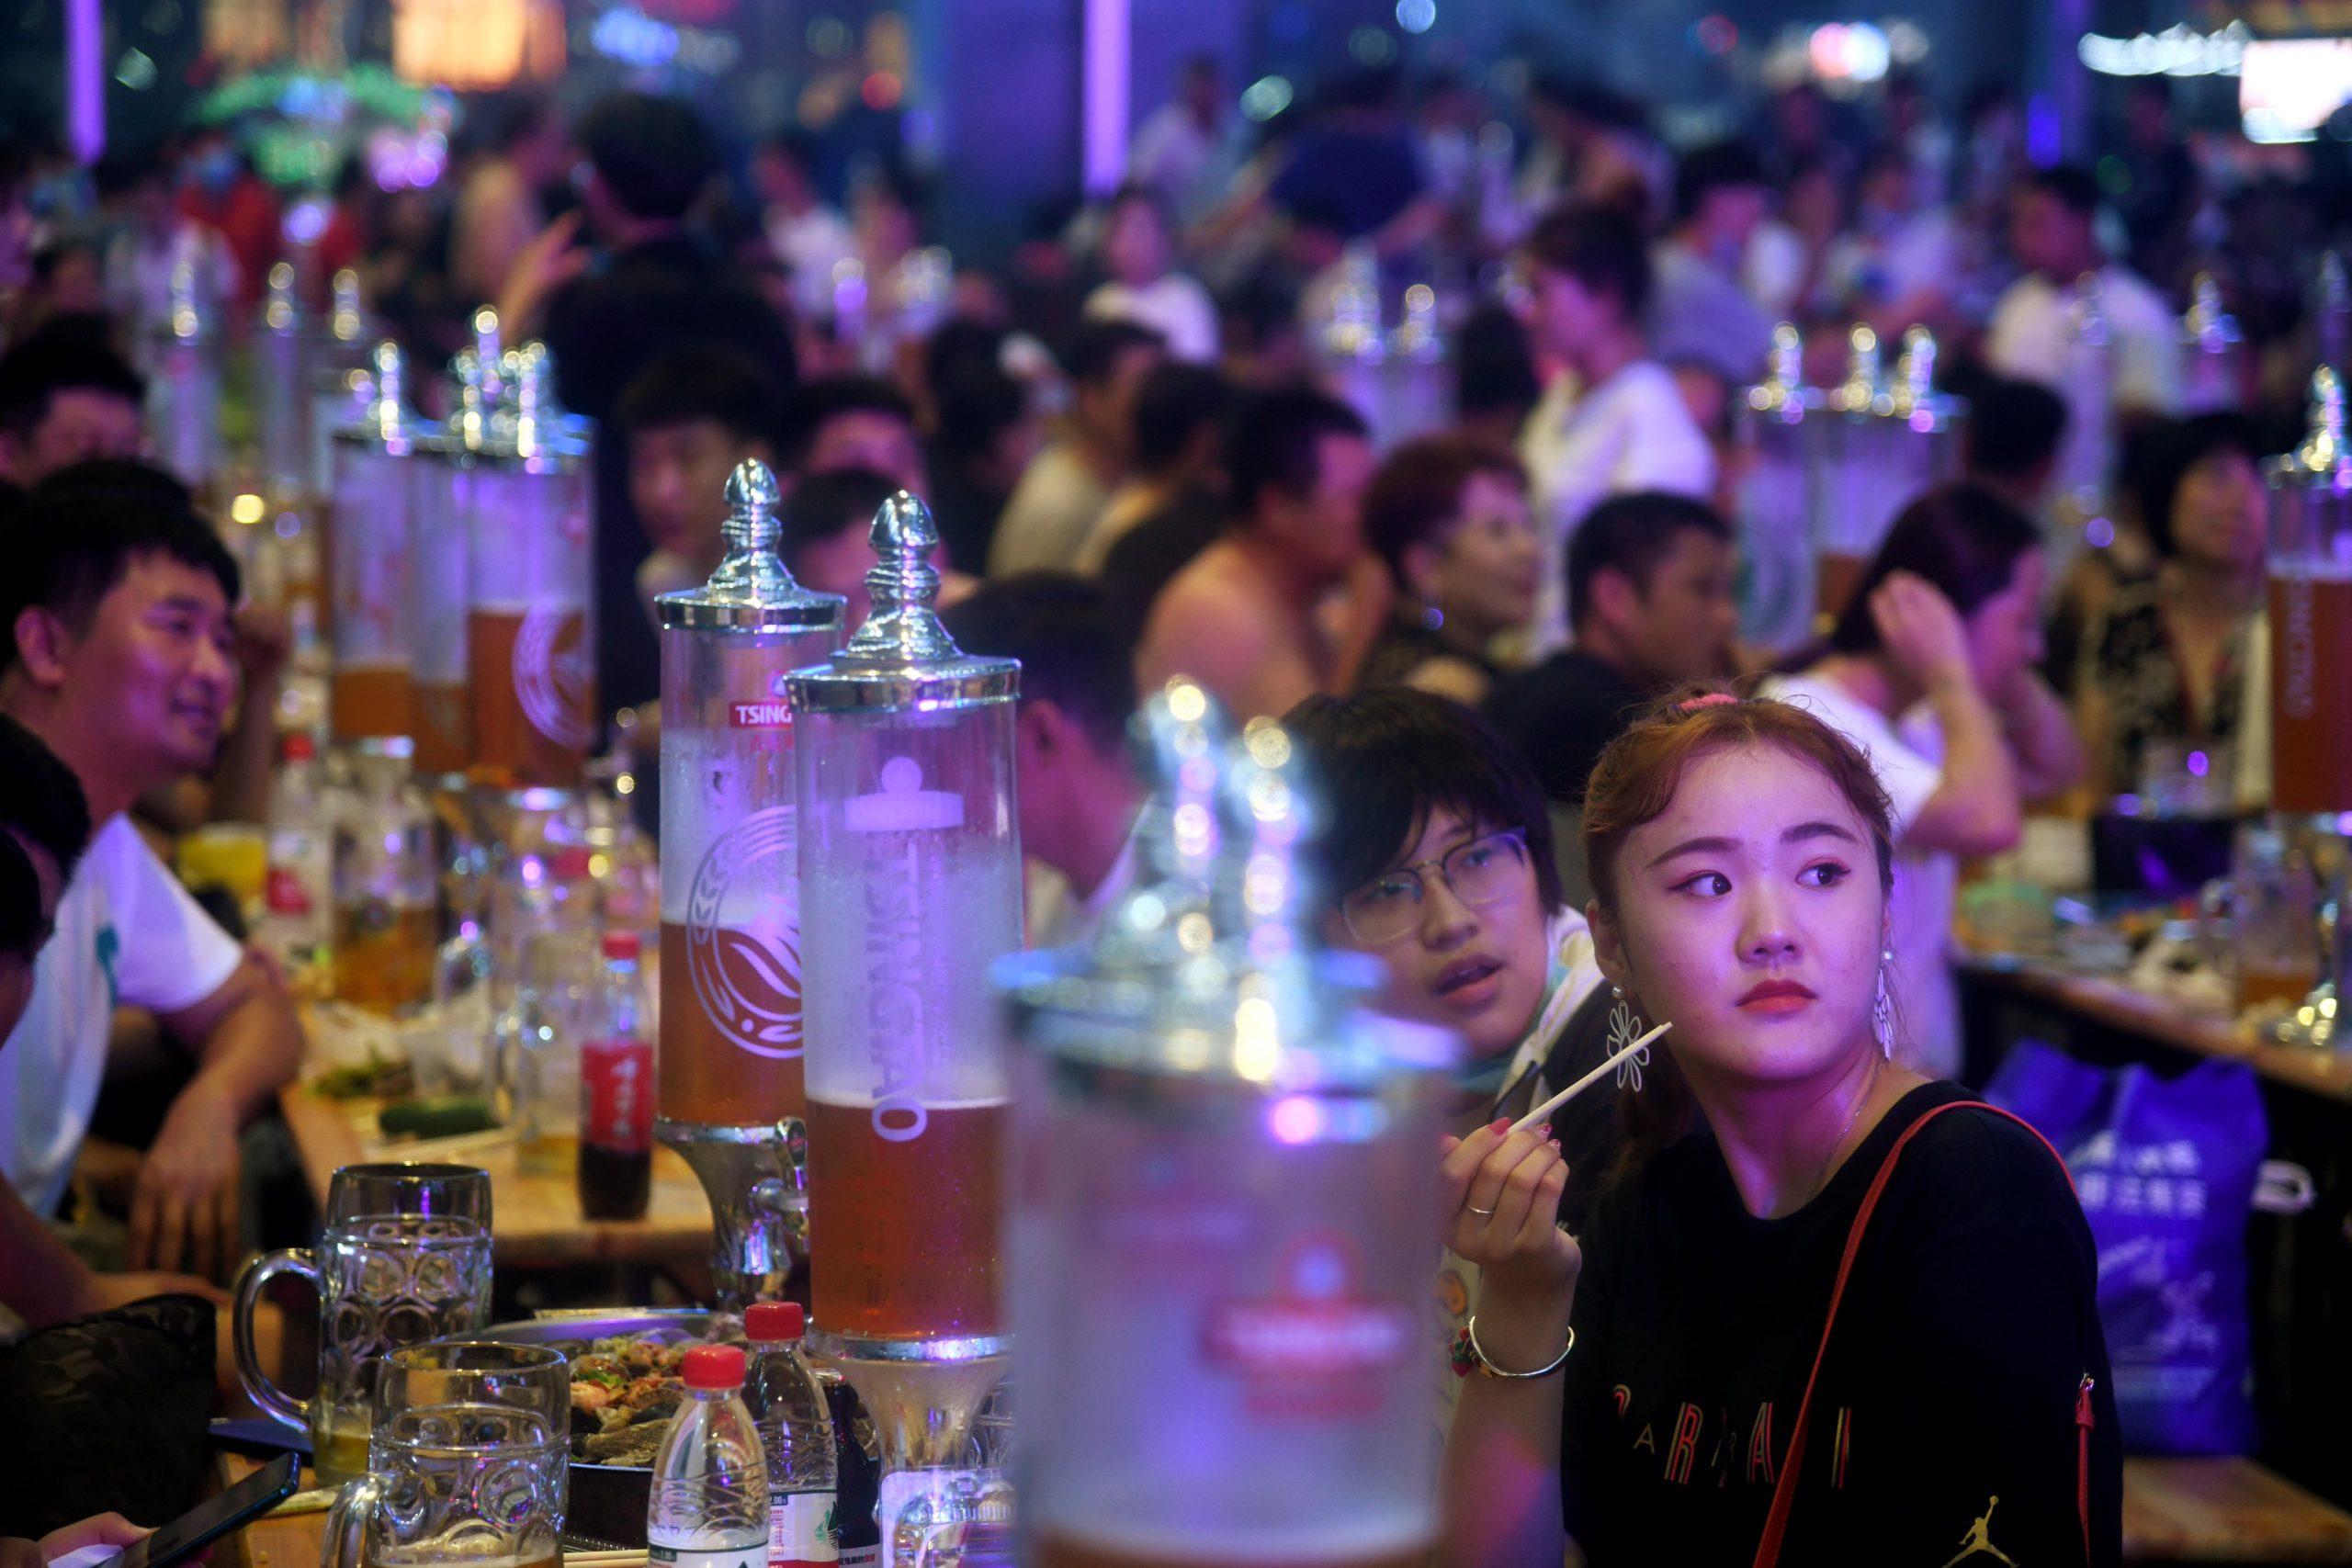 ESPECIAL: Pueblo chino retorna a la vida normal en medio de control y prevención regulares de COVID-19